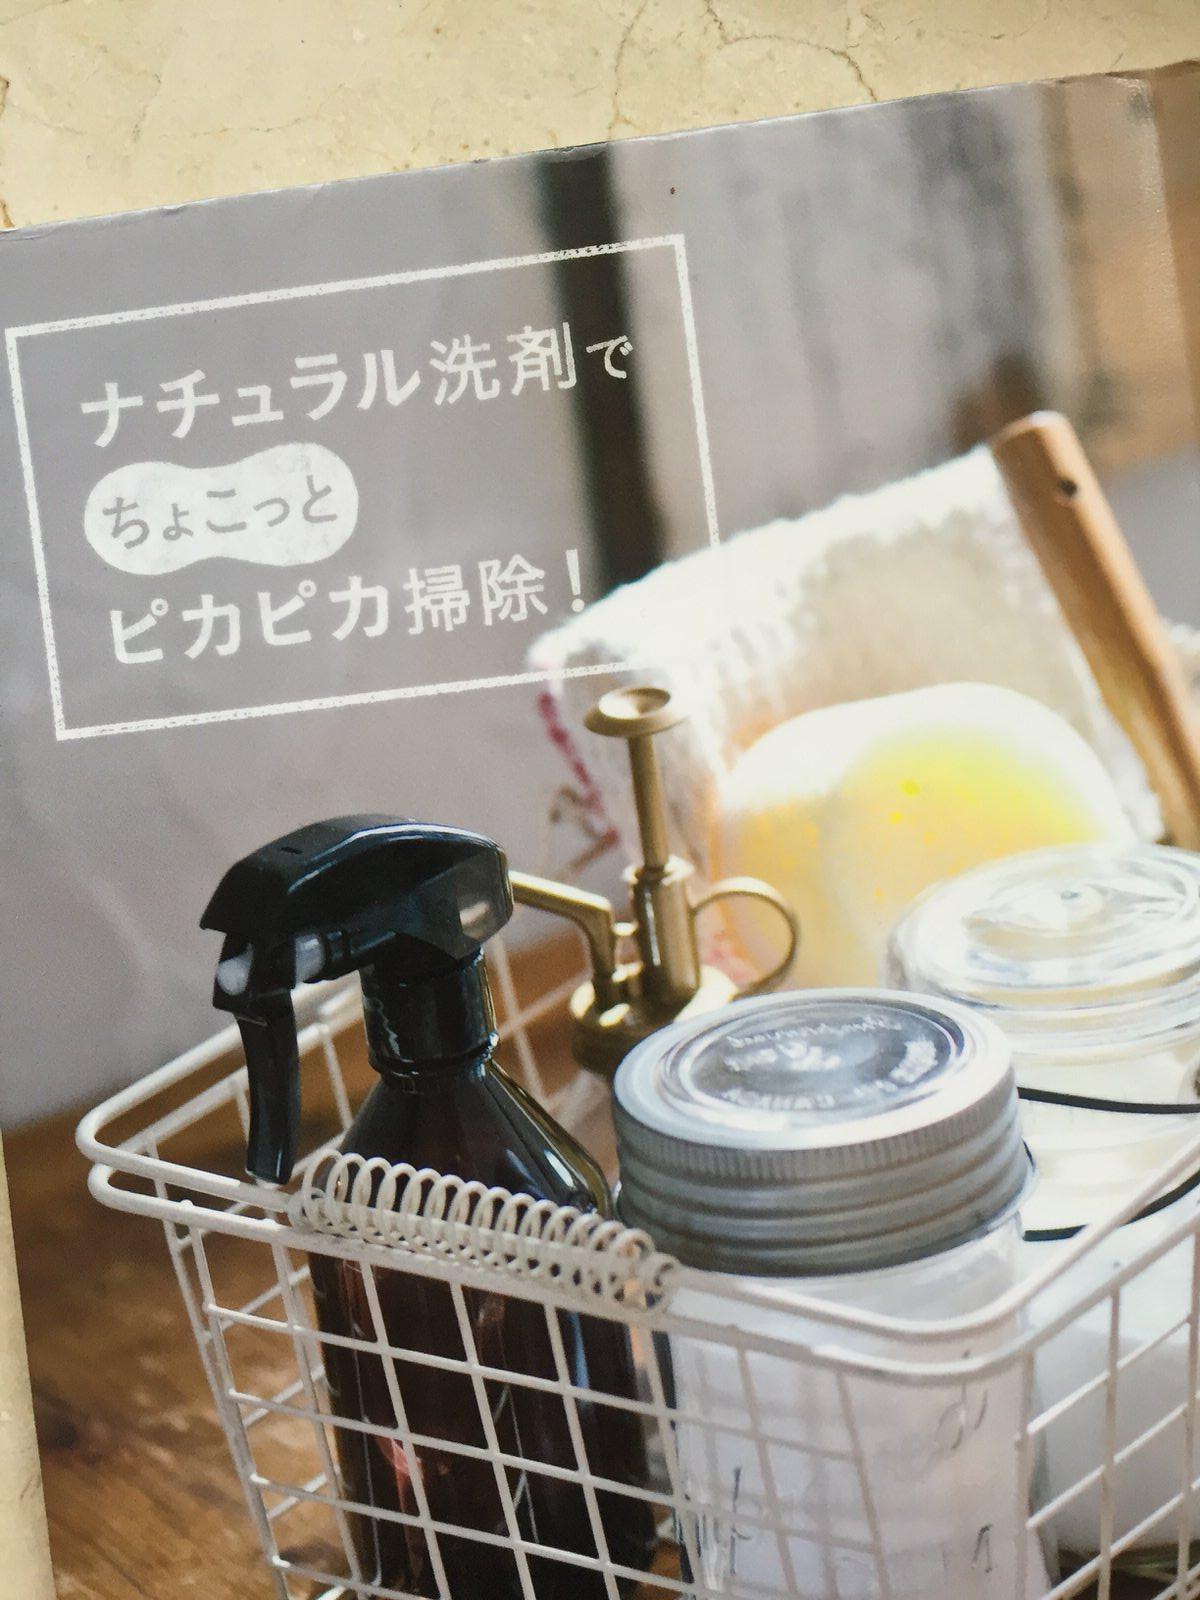 【書評】ナチュラル洗剤でちょこっとピカピカ掃除!| 合成洗剤を使わない掃除